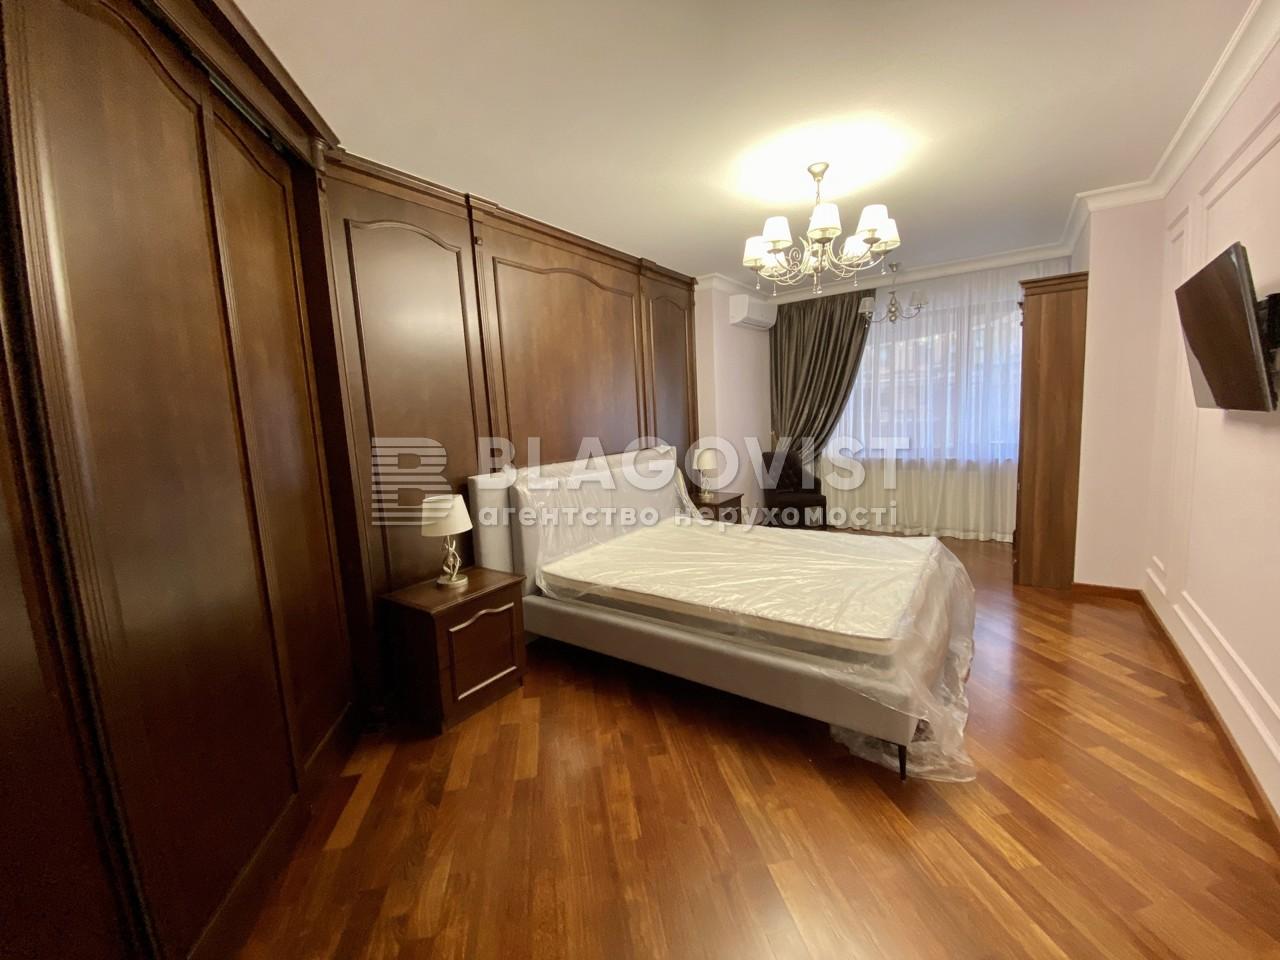 Квартира H-49061, Старонаводницкая, 13, Киев - Фото 13